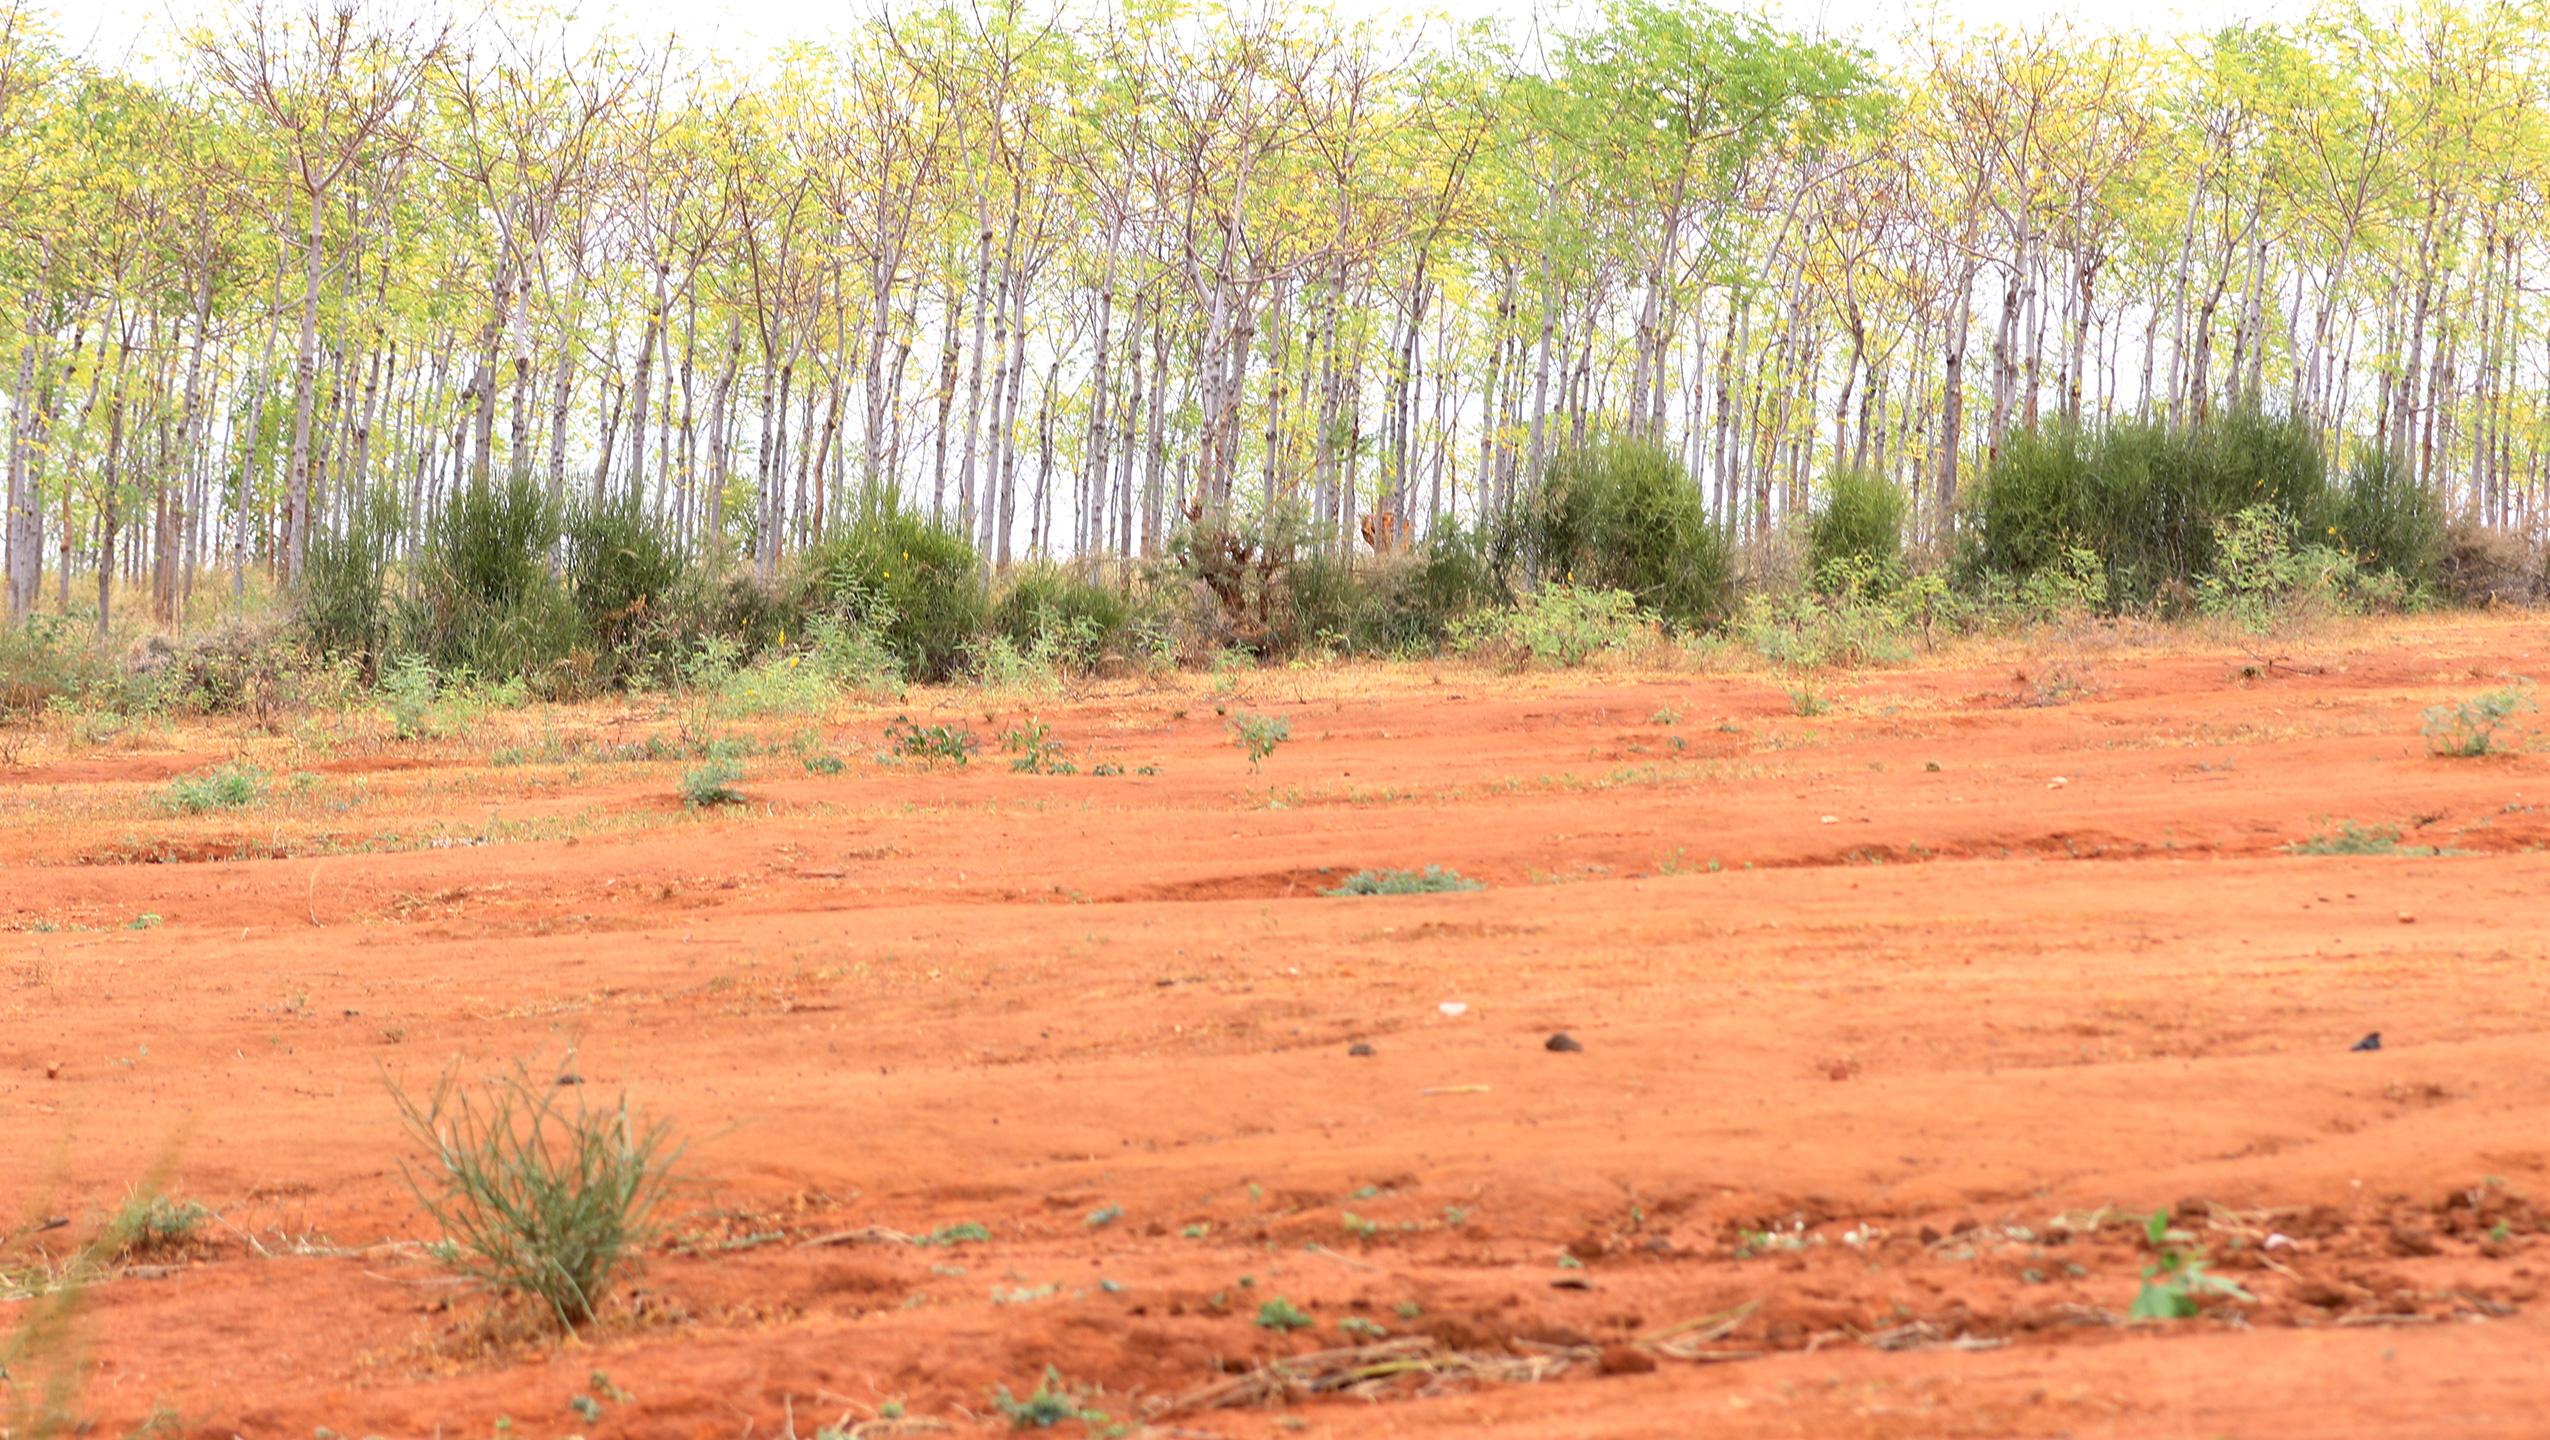 Planting Trees in the Semi-desert